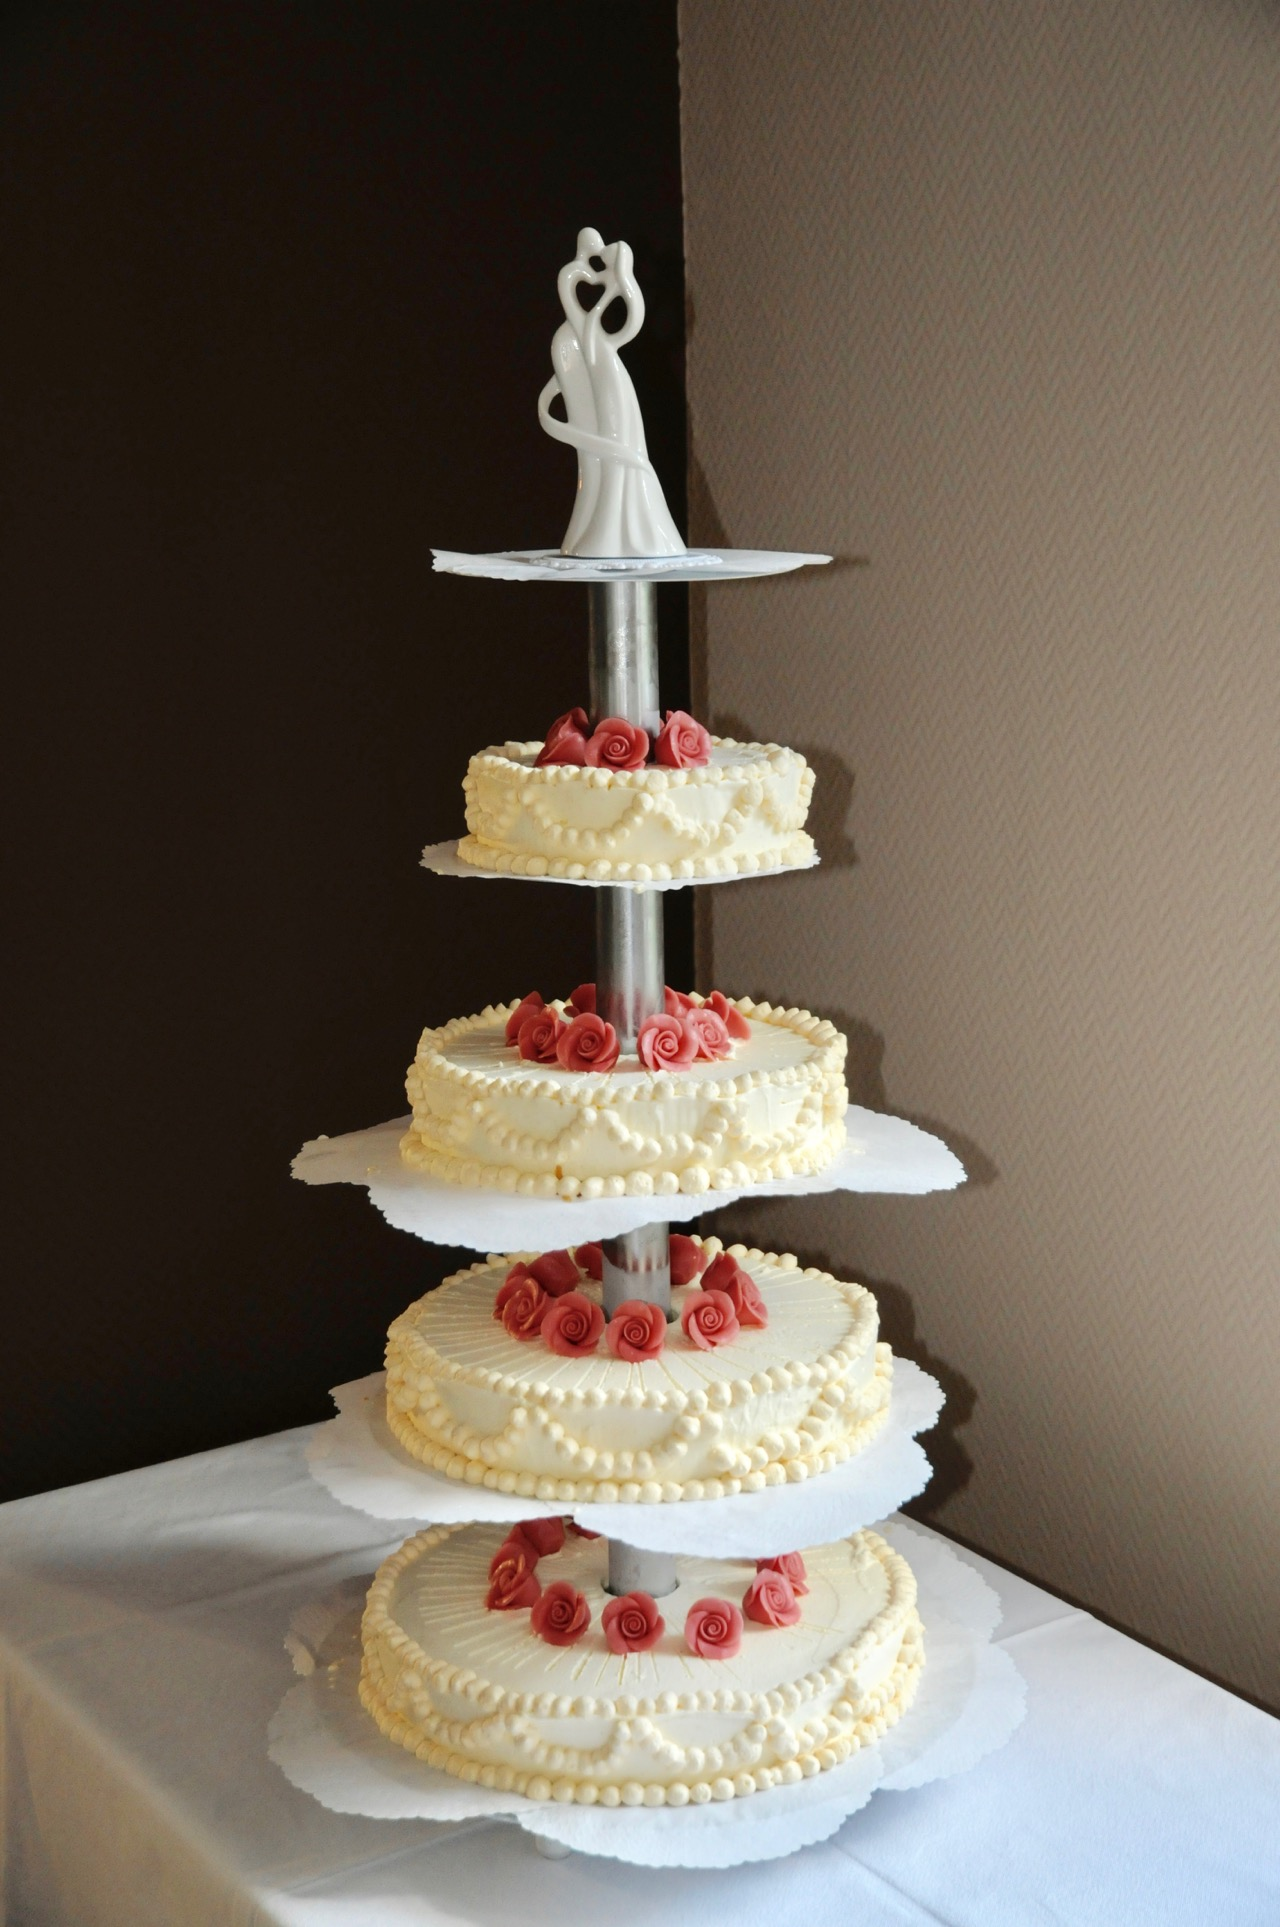 Hochzeitstorte 4-stöckig, Eistorte mit Zuckerrosen